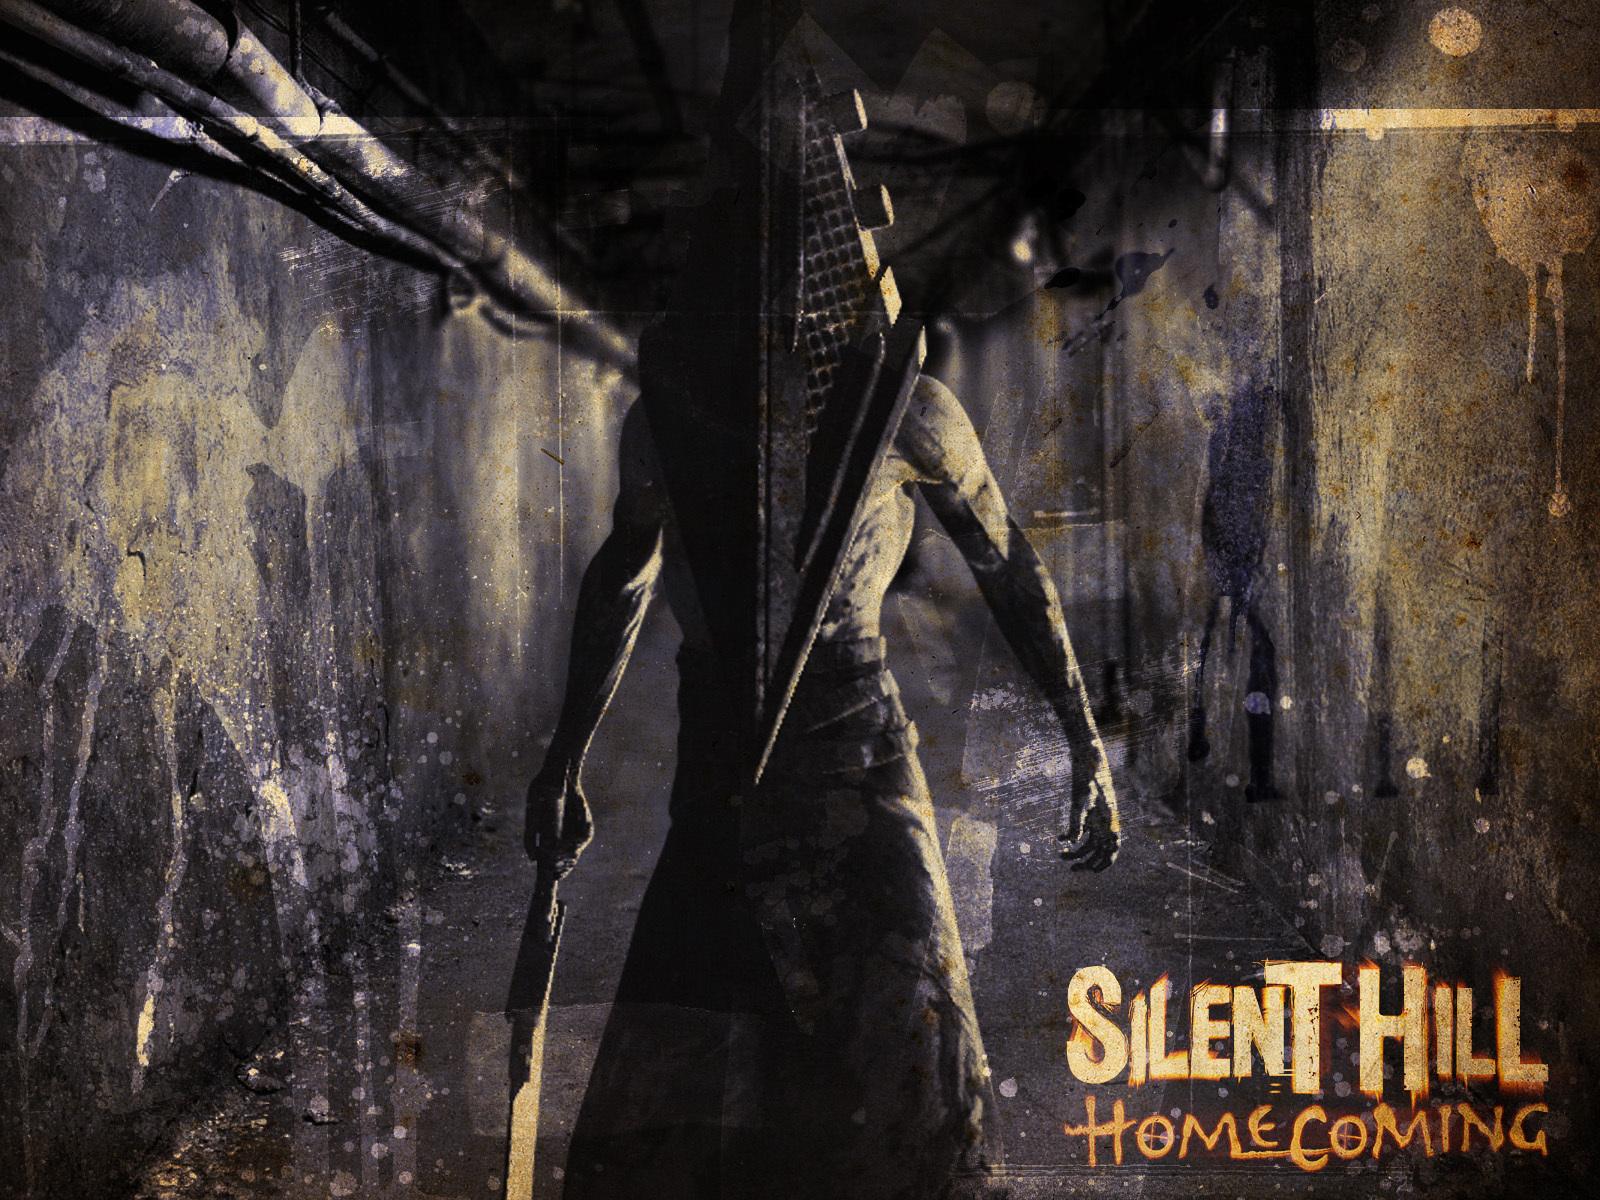 silent hill 4 wallpaper hd